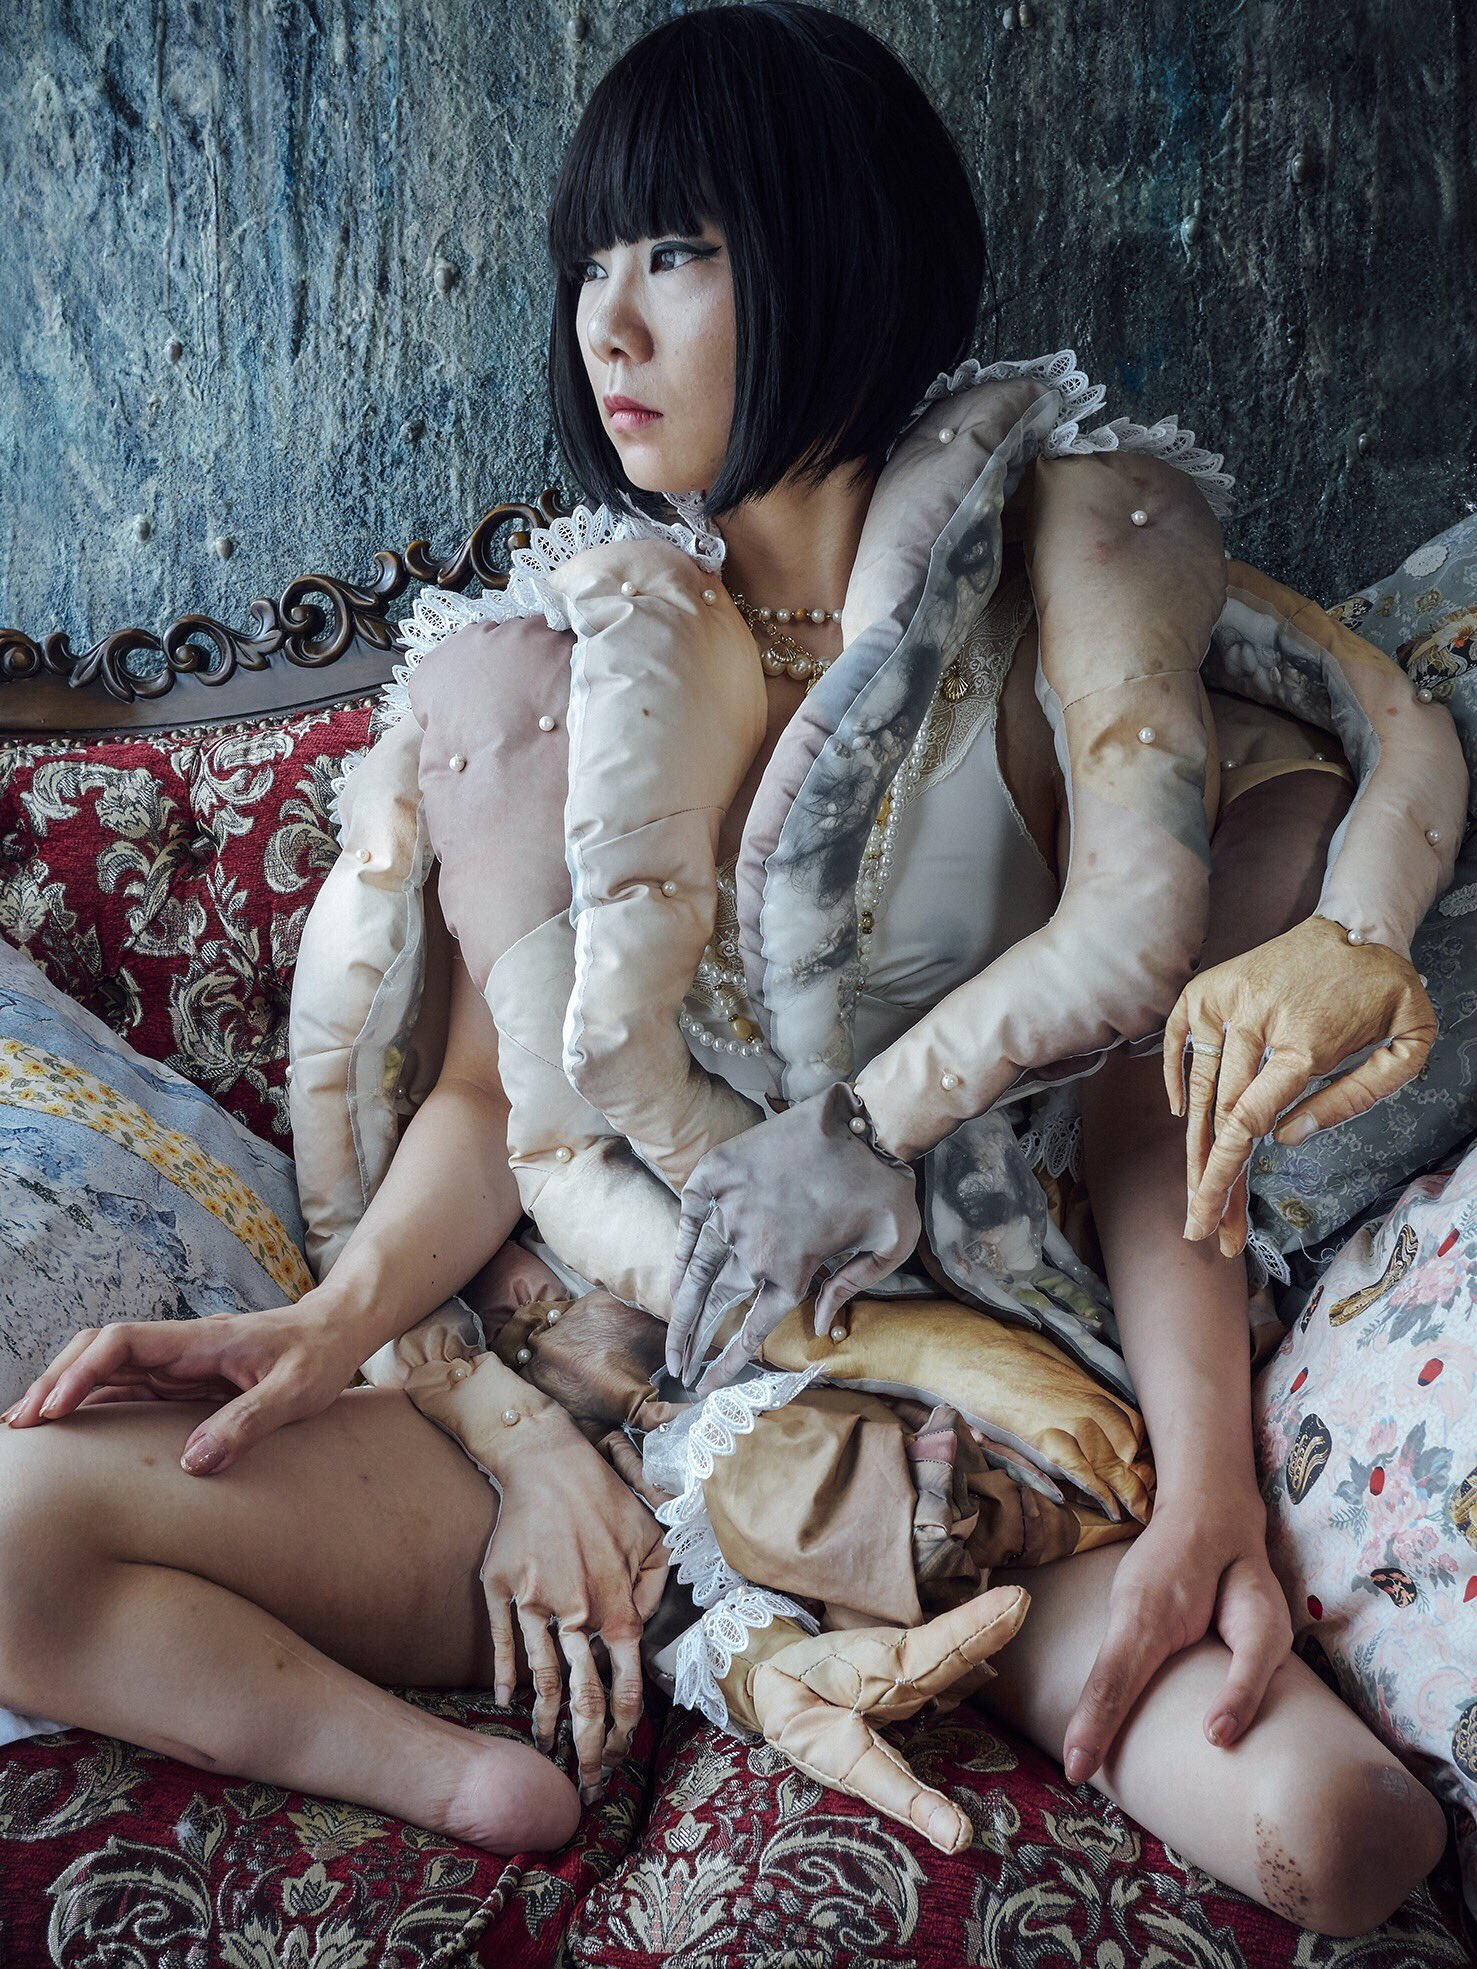 The Photography and Sculptures of Mari Katayama